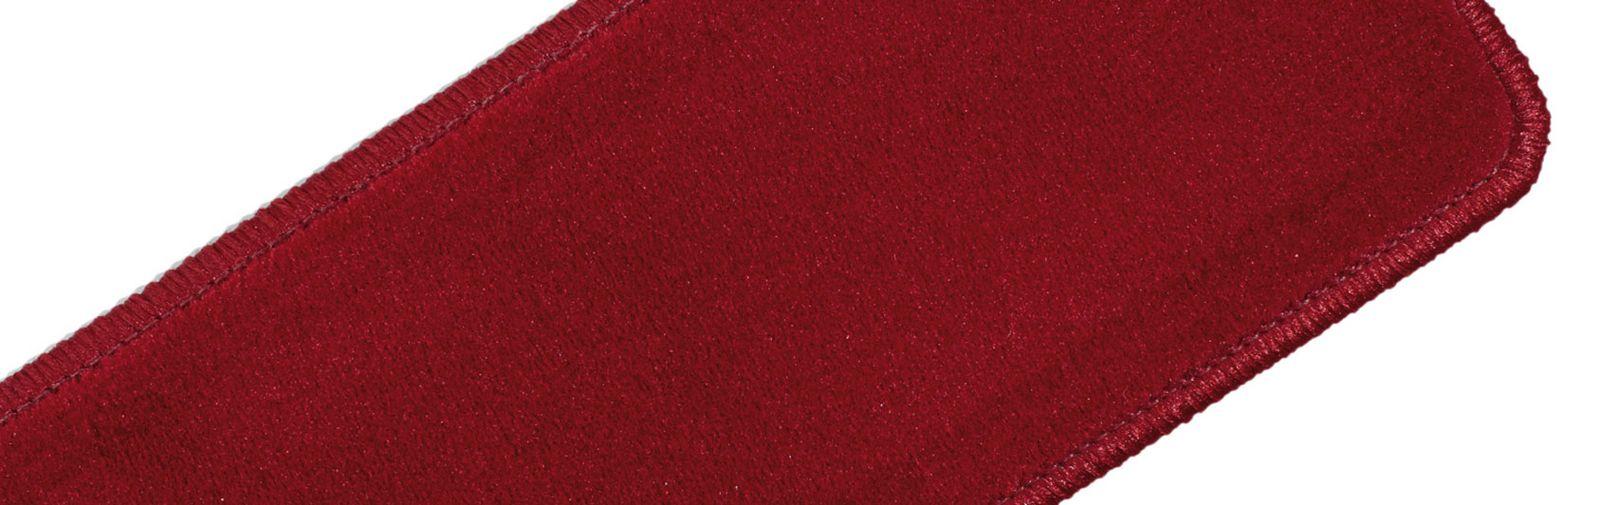 sample hassock plain velvet color code 611 color light red